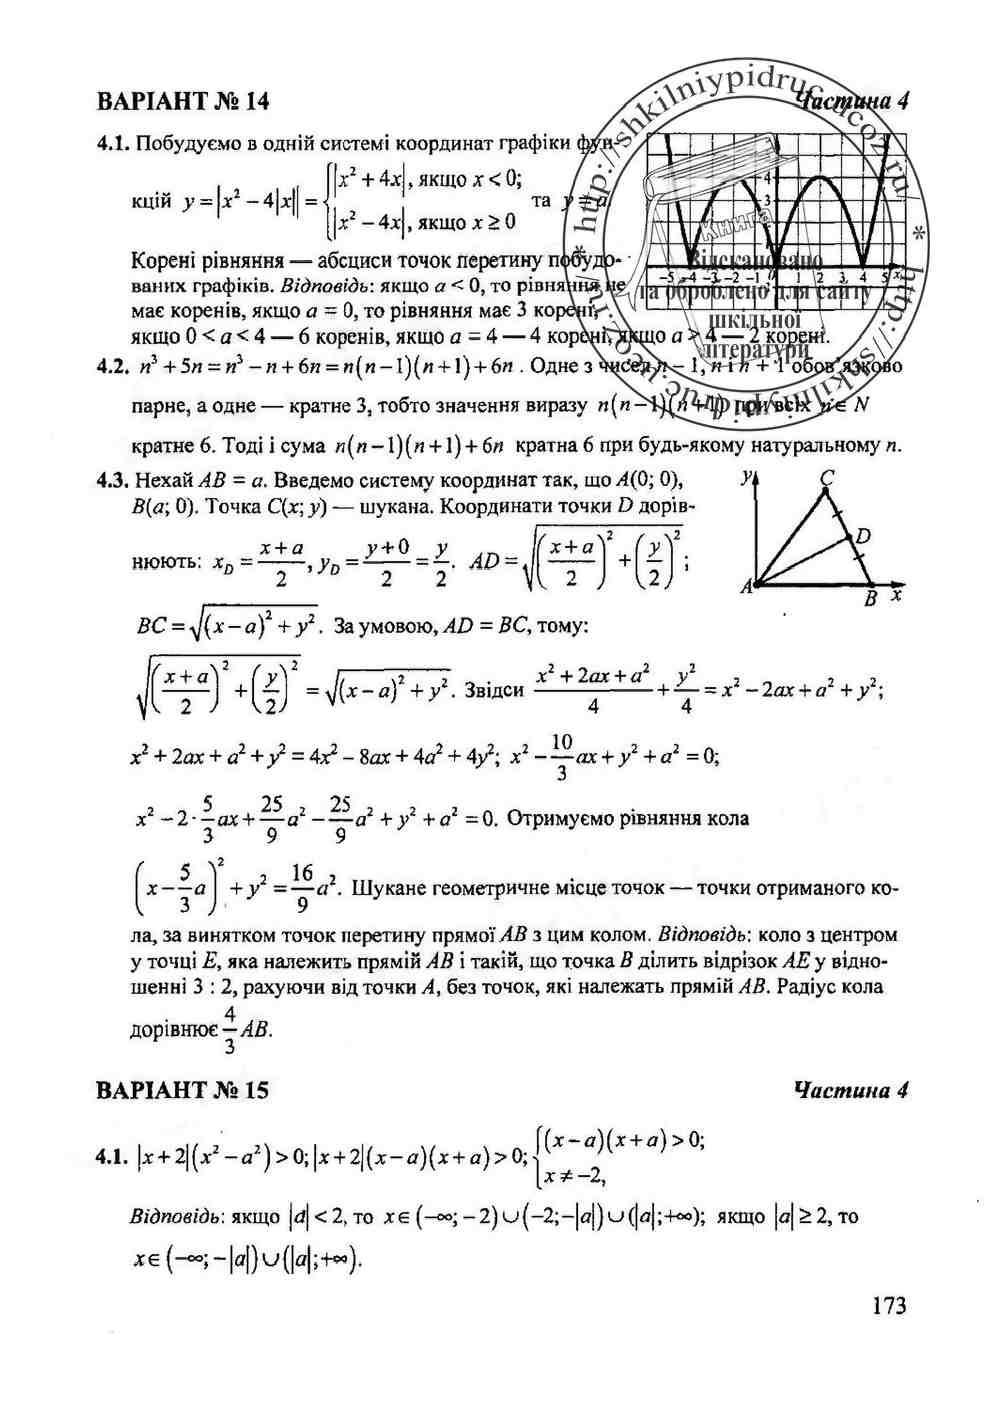 9 решебники класс дпа к